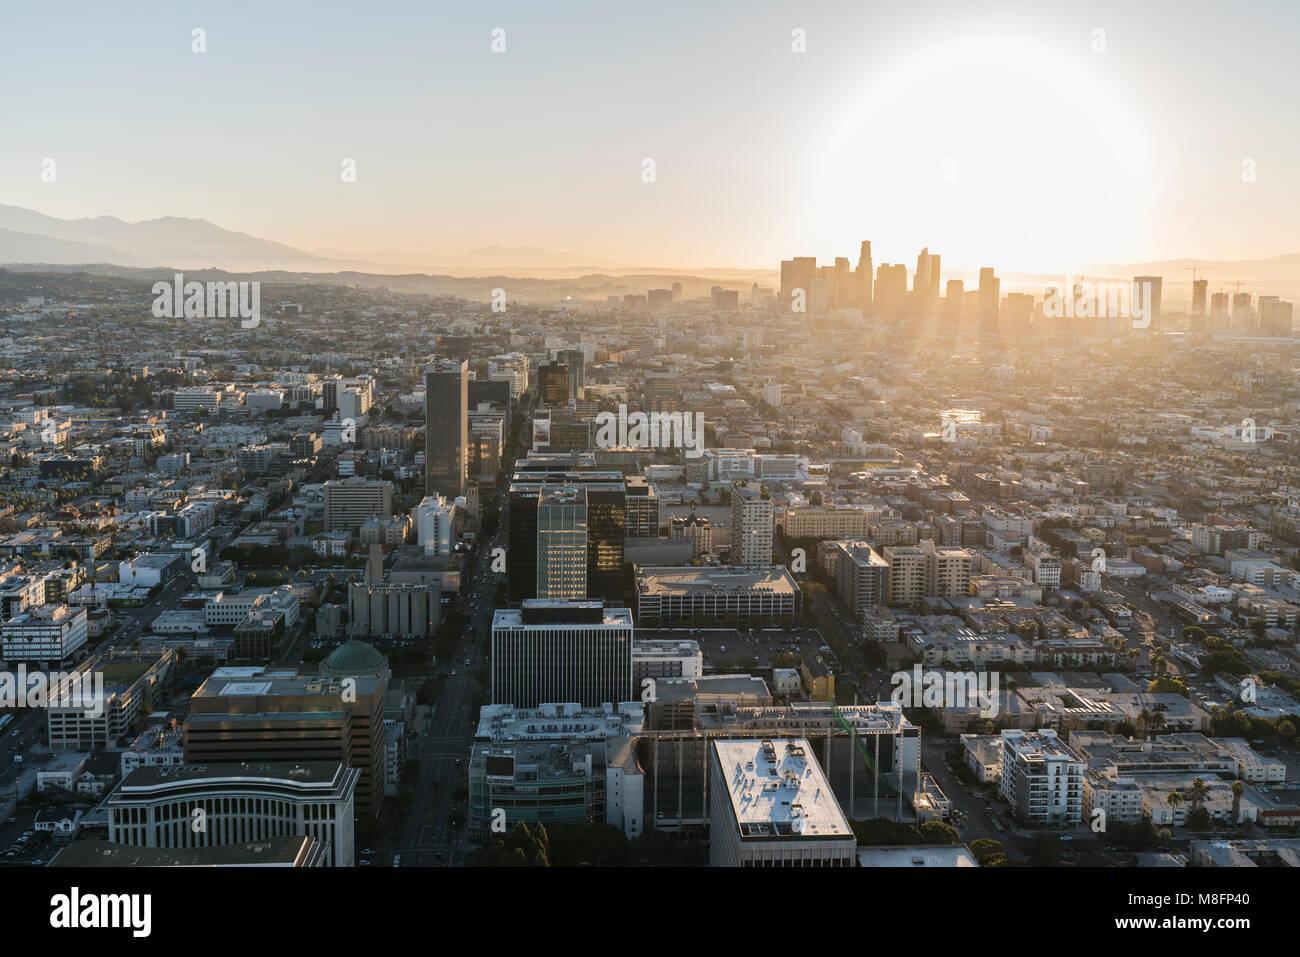 Los Angeles, California, EE.UU. - 20 de febrero de 2018: mañana temprano vista aérea de torres, edificios y calles Foto de stock